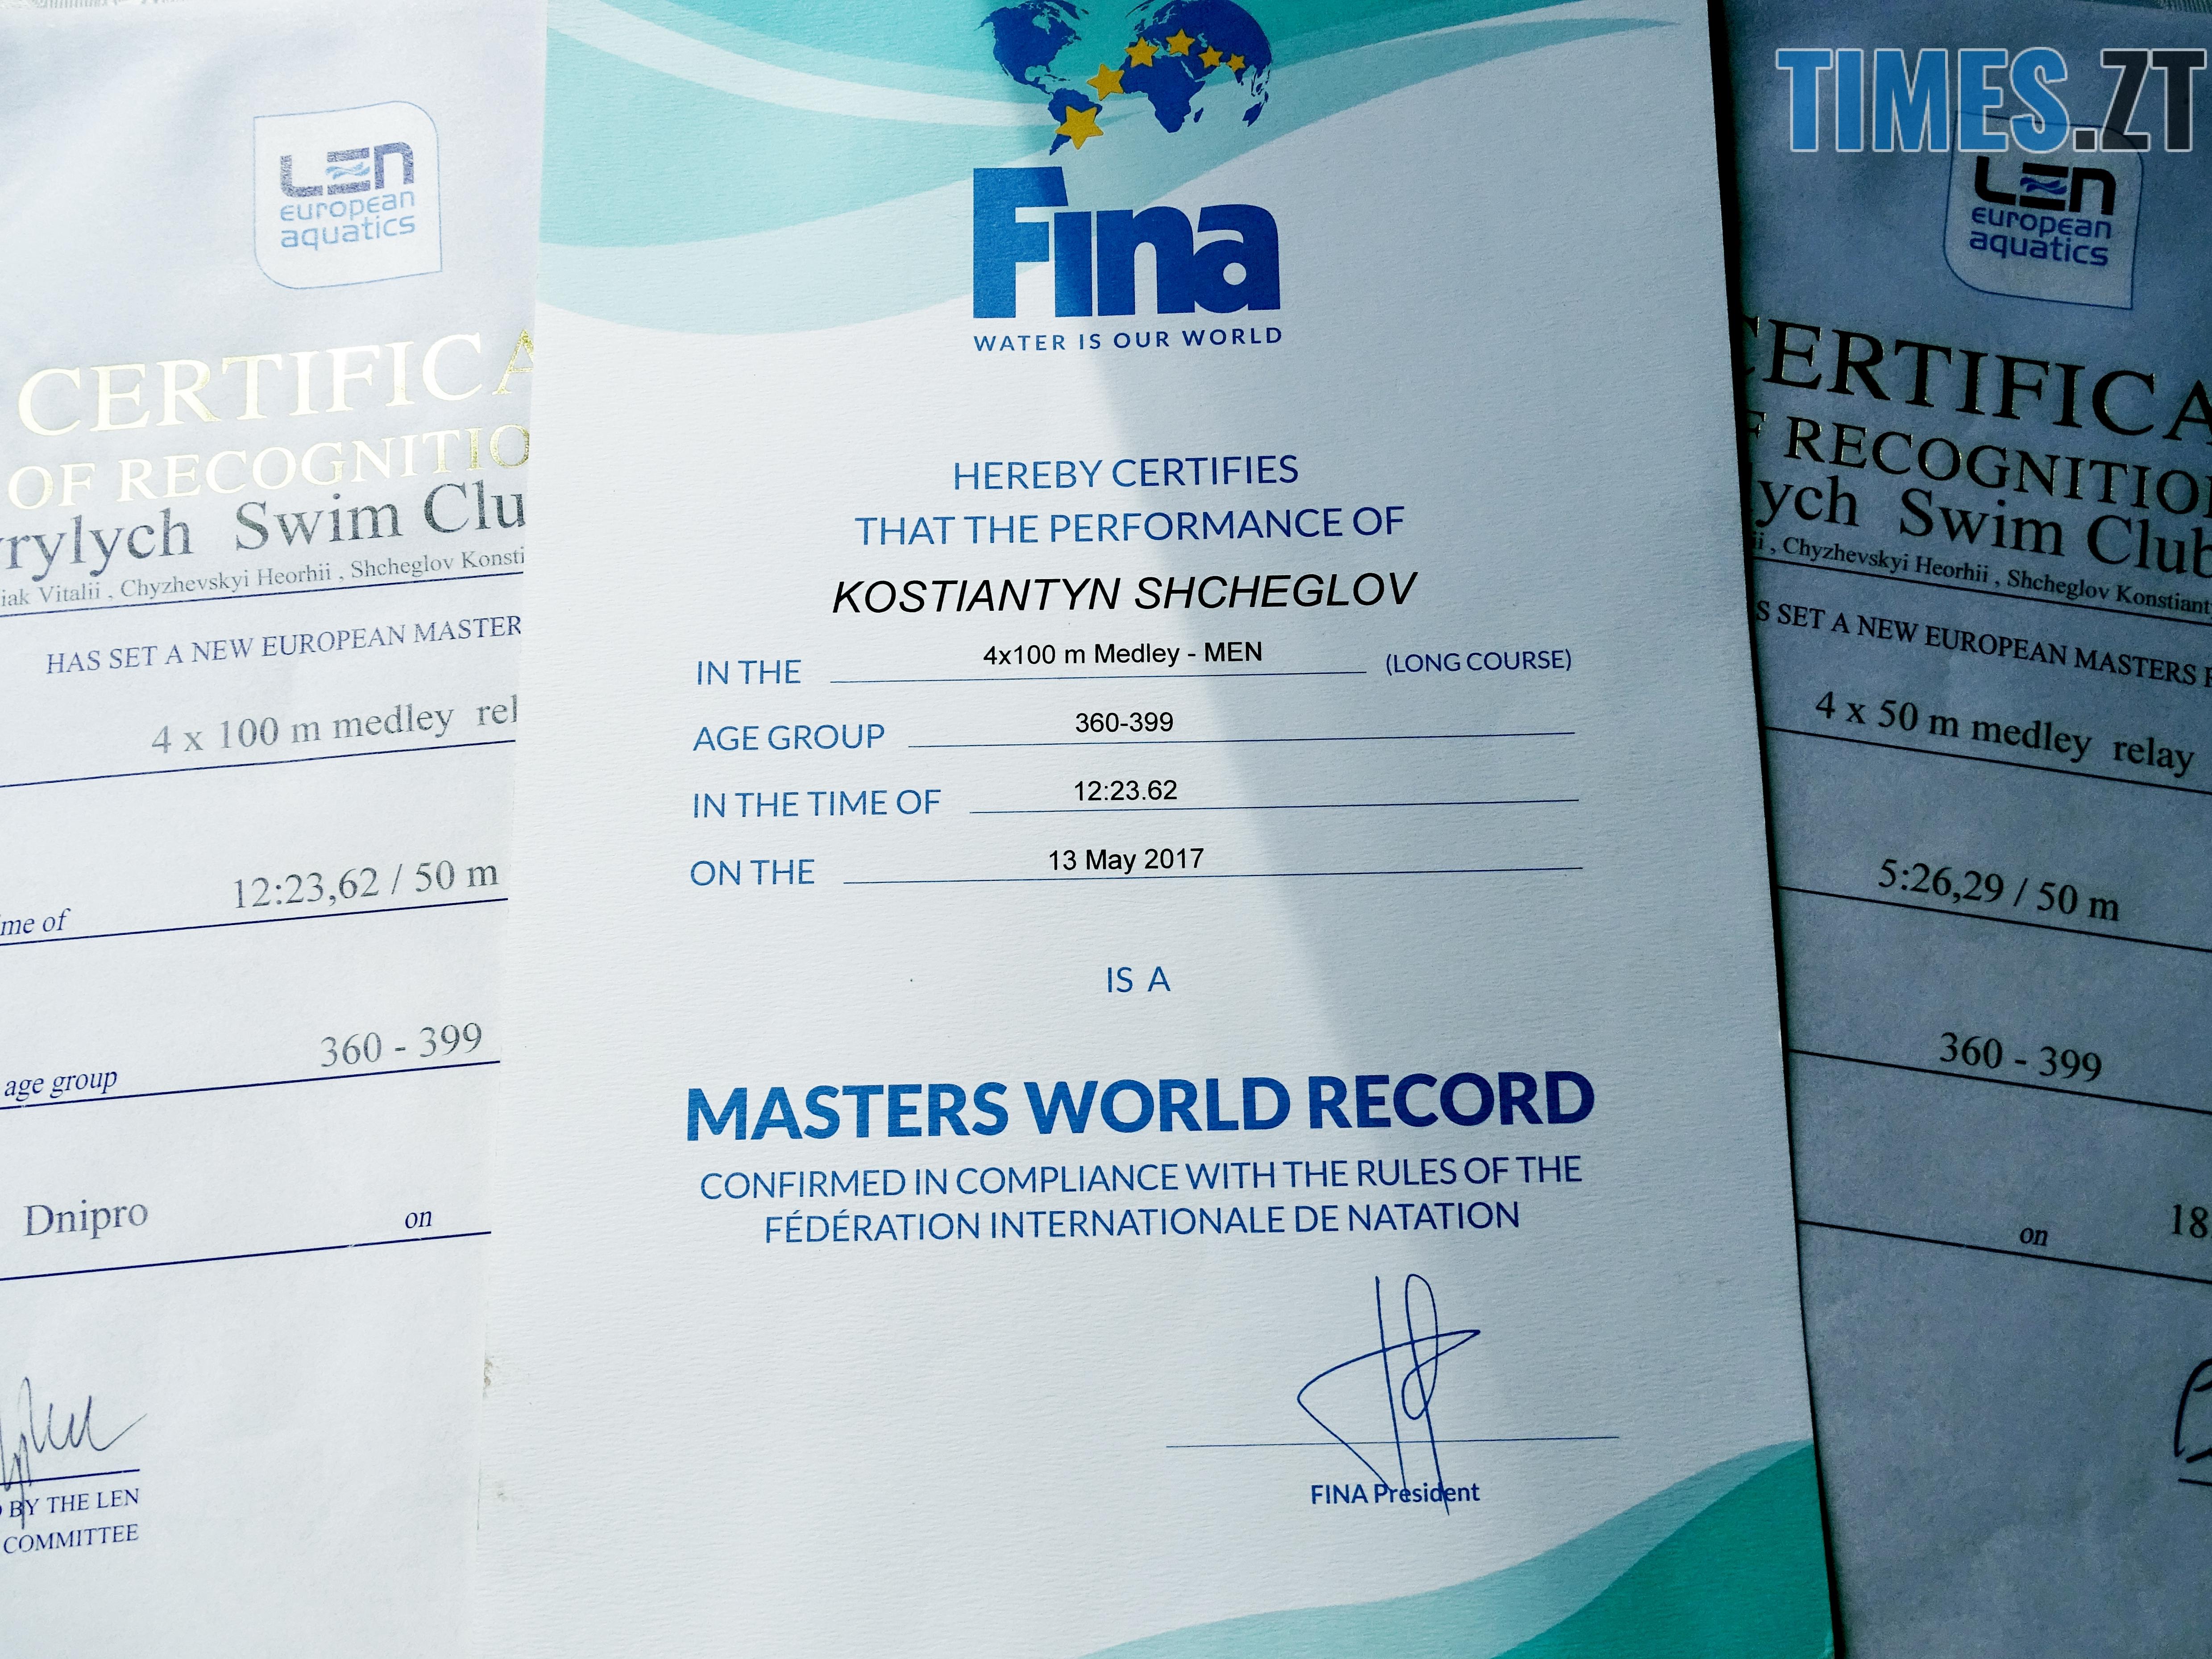 5 рекорди ВСІ можна поставити де говрить про рекорд у Дніпр1 - Костянтин Щеглов: З водою треба поводитись, як із жінкою – ніжно і лагідно